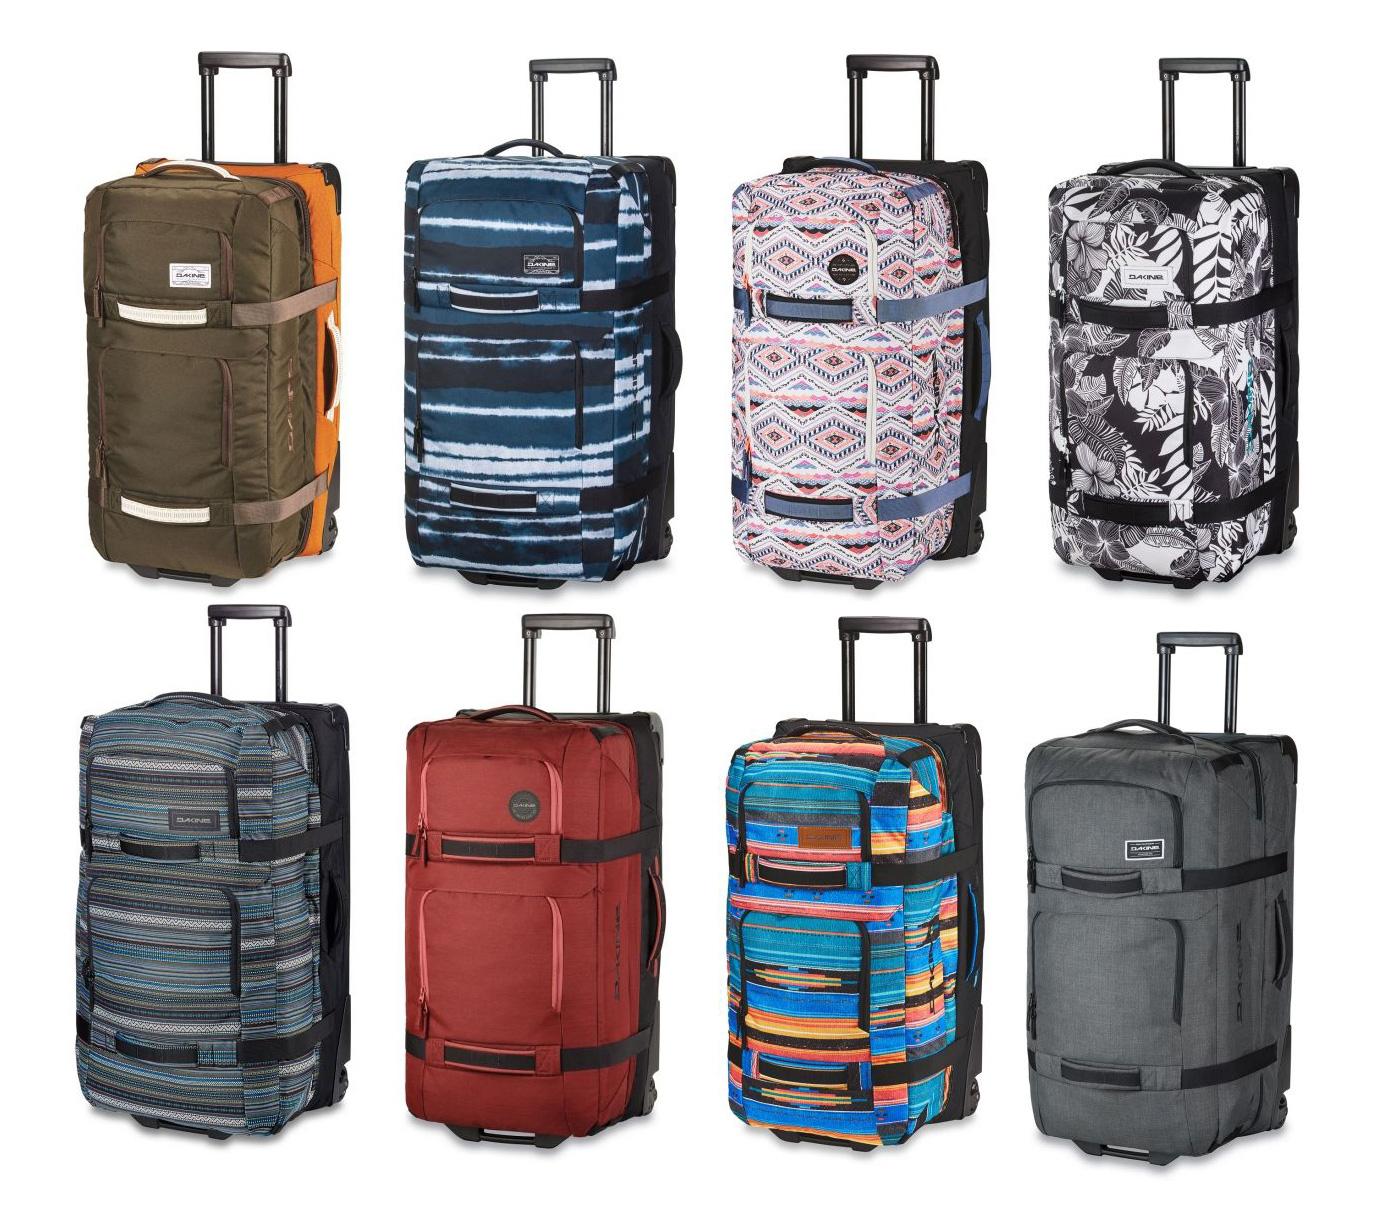 d0cb2ba5043a9 ... 110L Rolling Luggage Gear Bag · Dakine ...